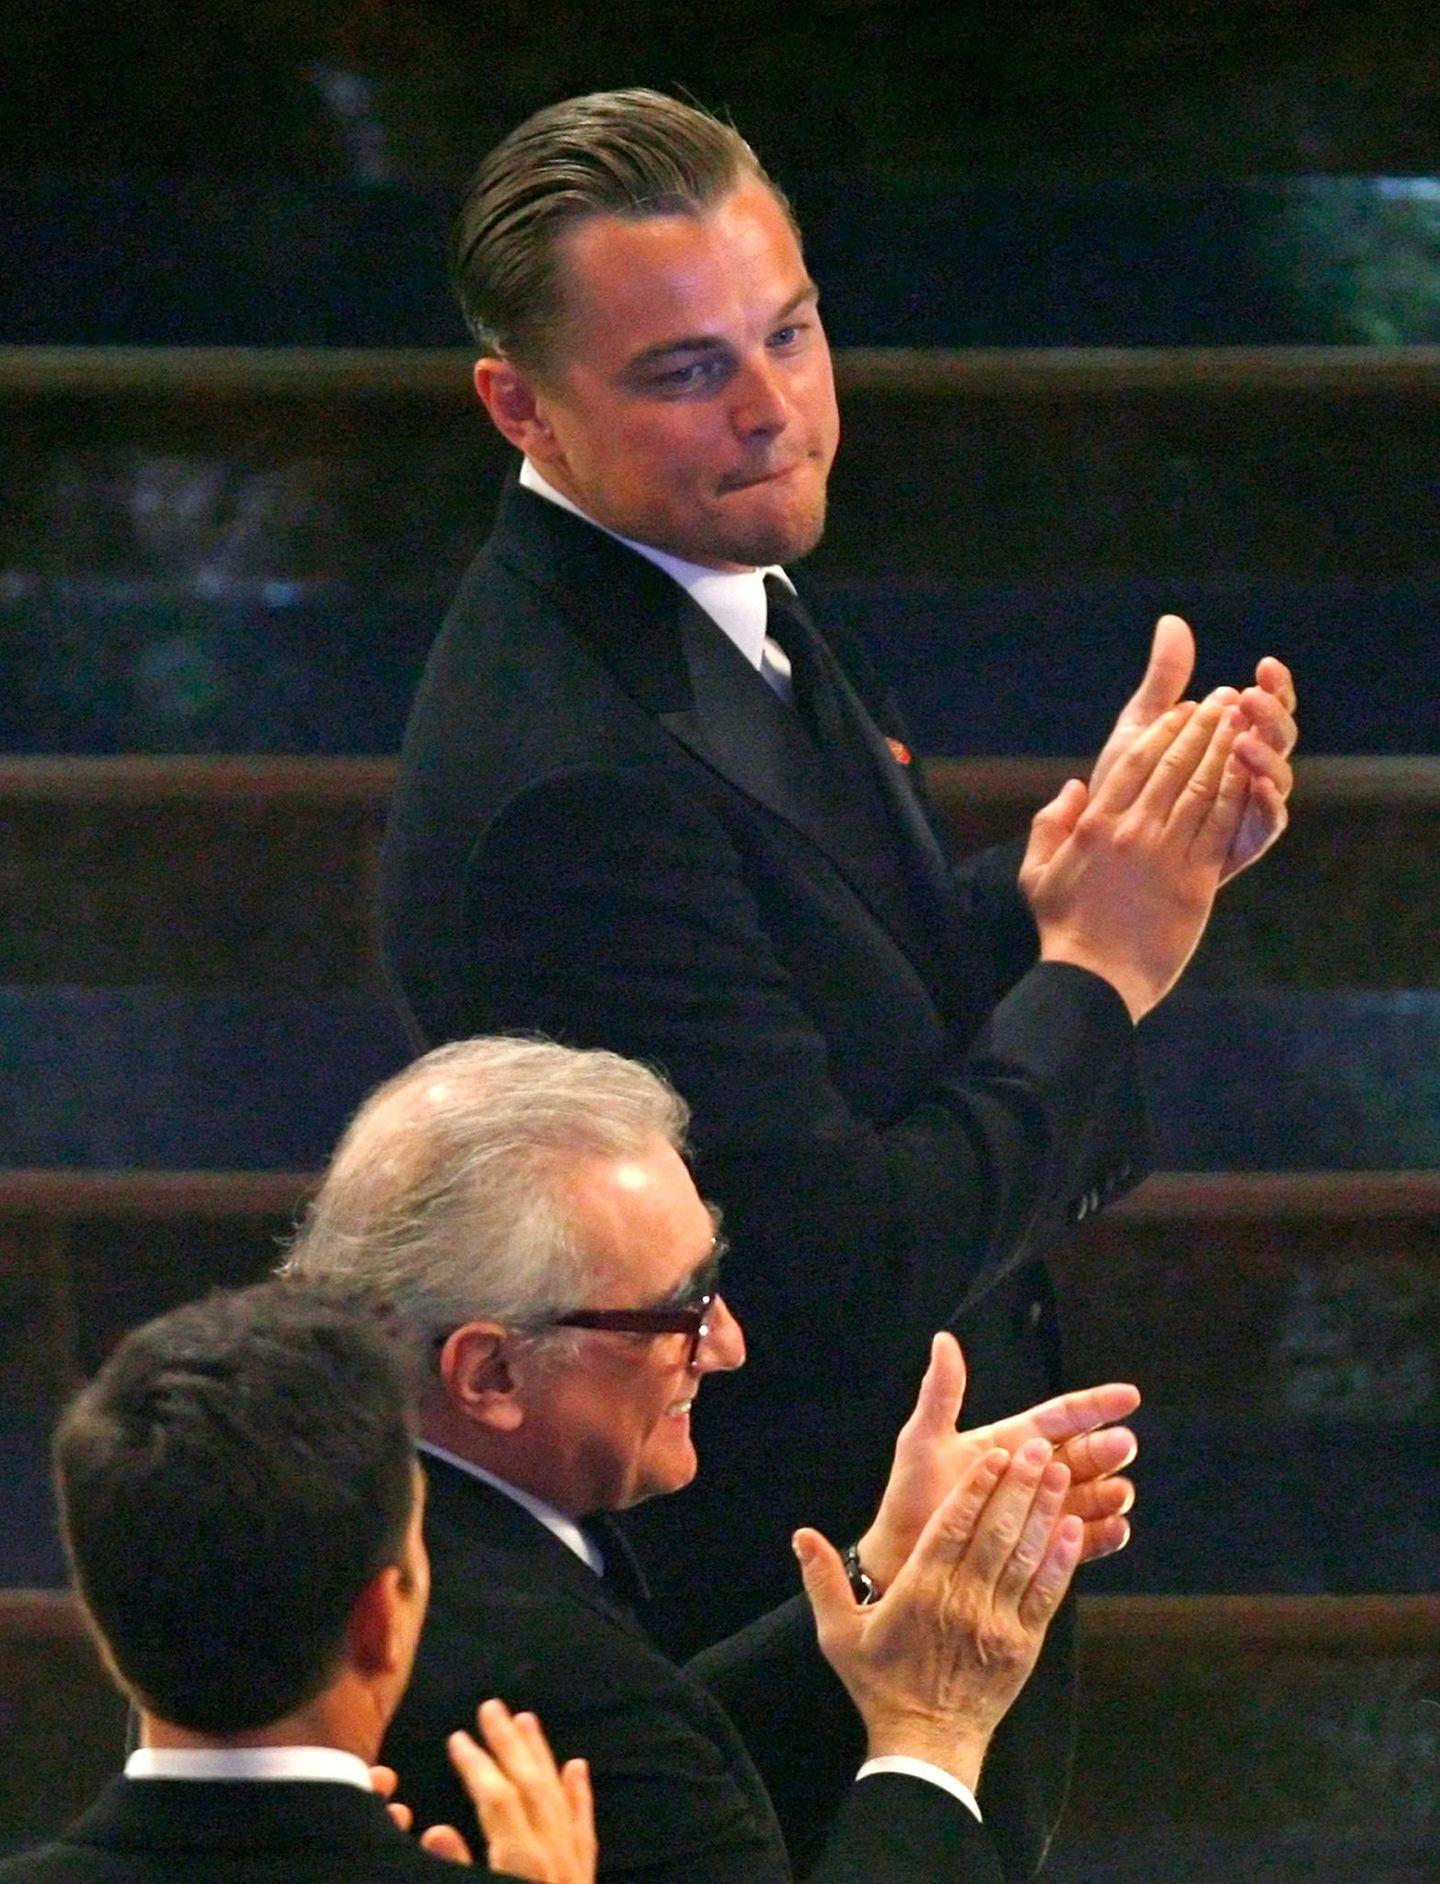 """Leonardo DiCaprio bei der Oscar-Verleihung 2007, bei der er für die Hauptrolle im Film """"Blood Diamond"""" nominiert war."""